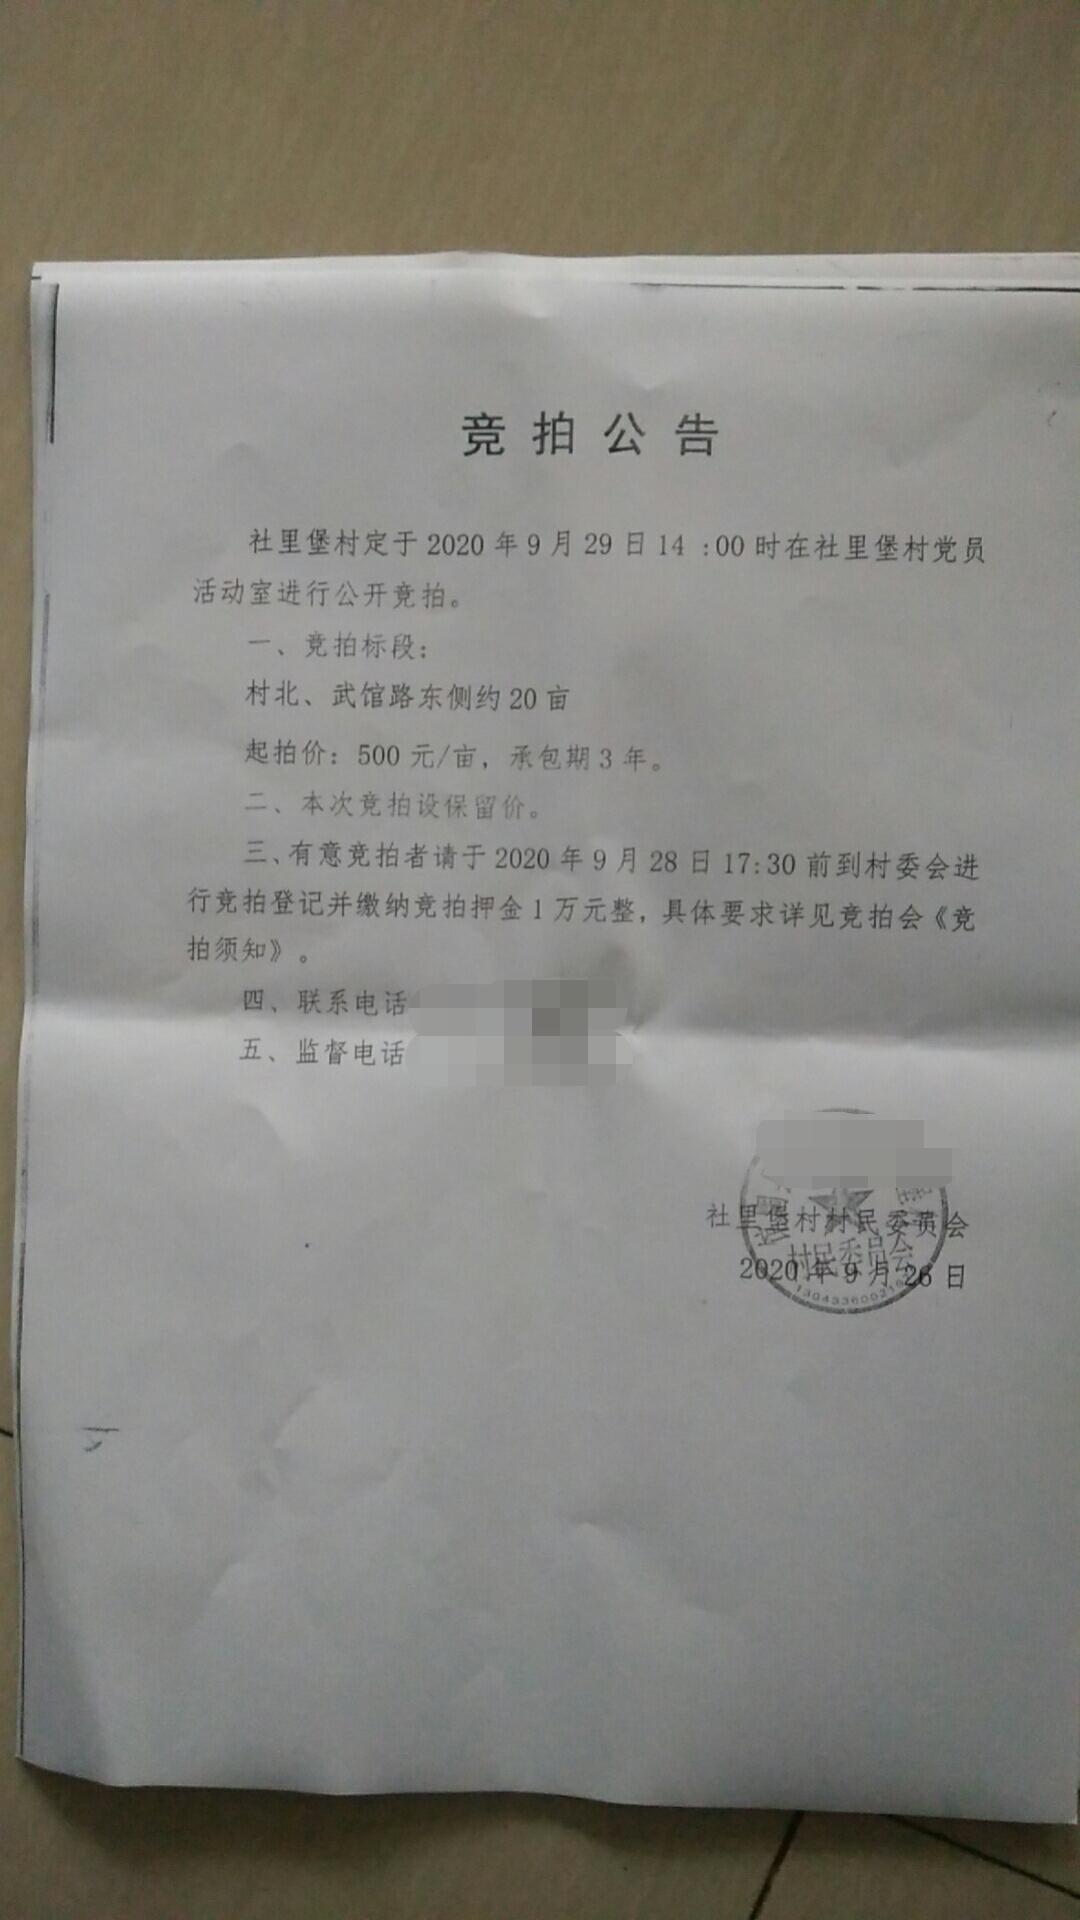 社里堡村村委会出具的《竞拍公告》。本文图片 均为受访者提供